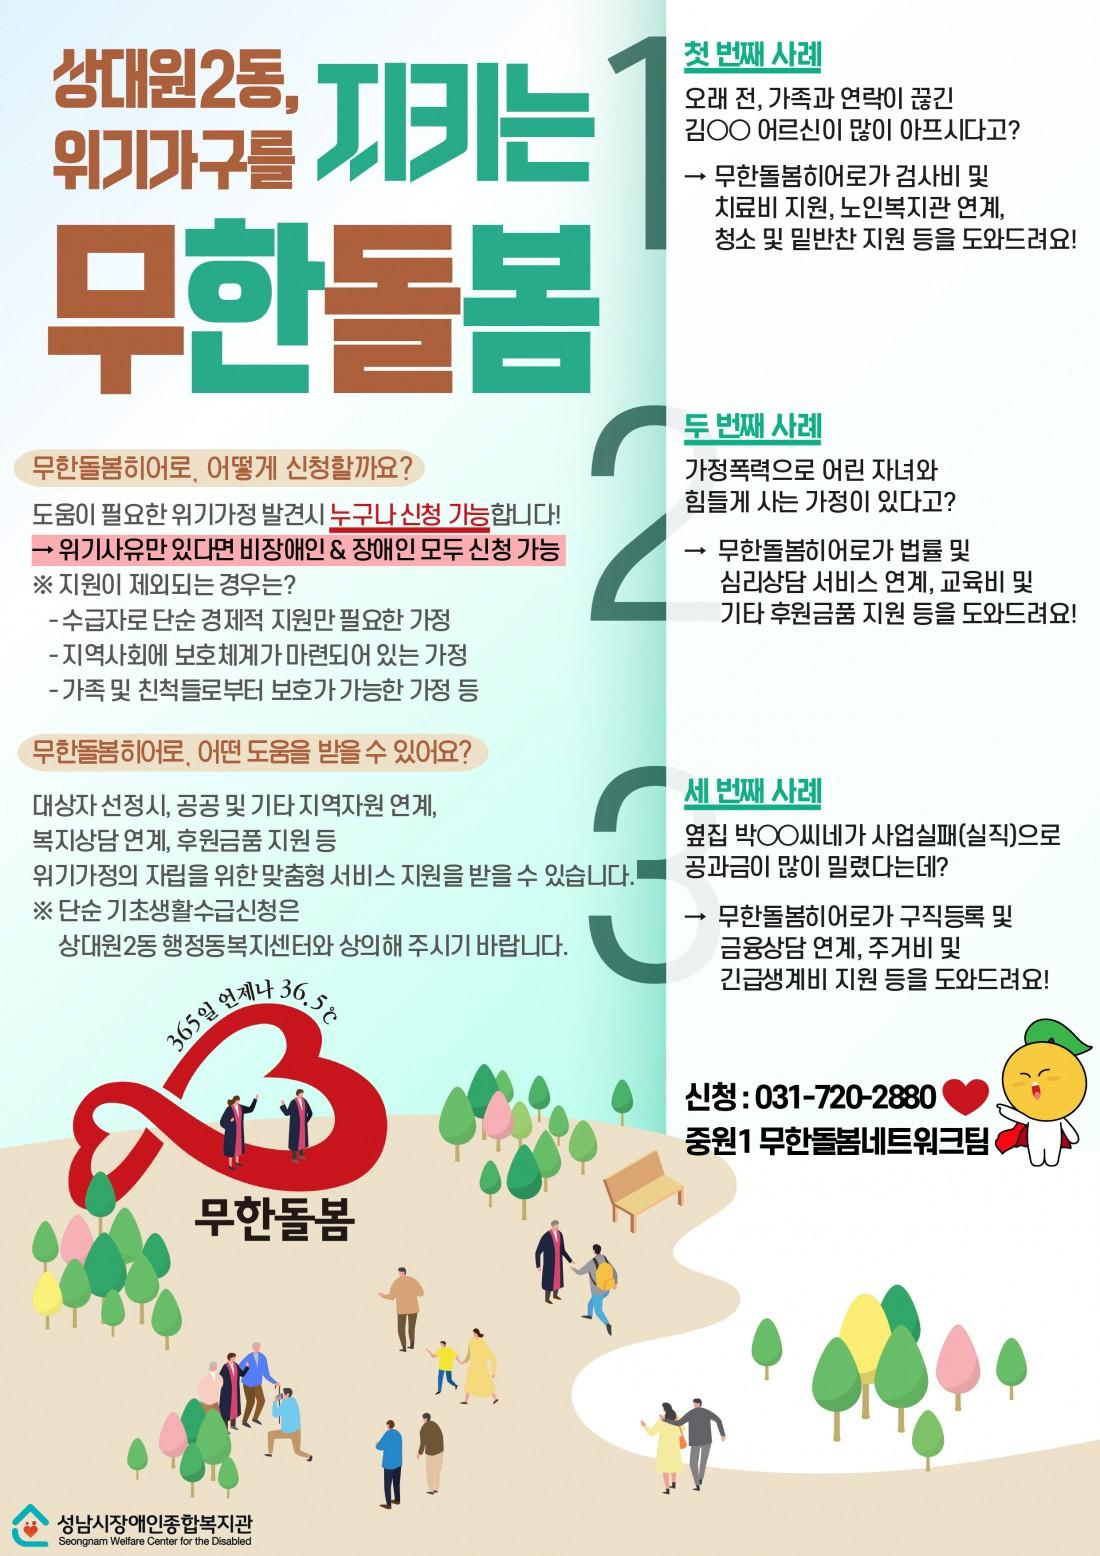 무한돌봄네트워크 홍보 포스터